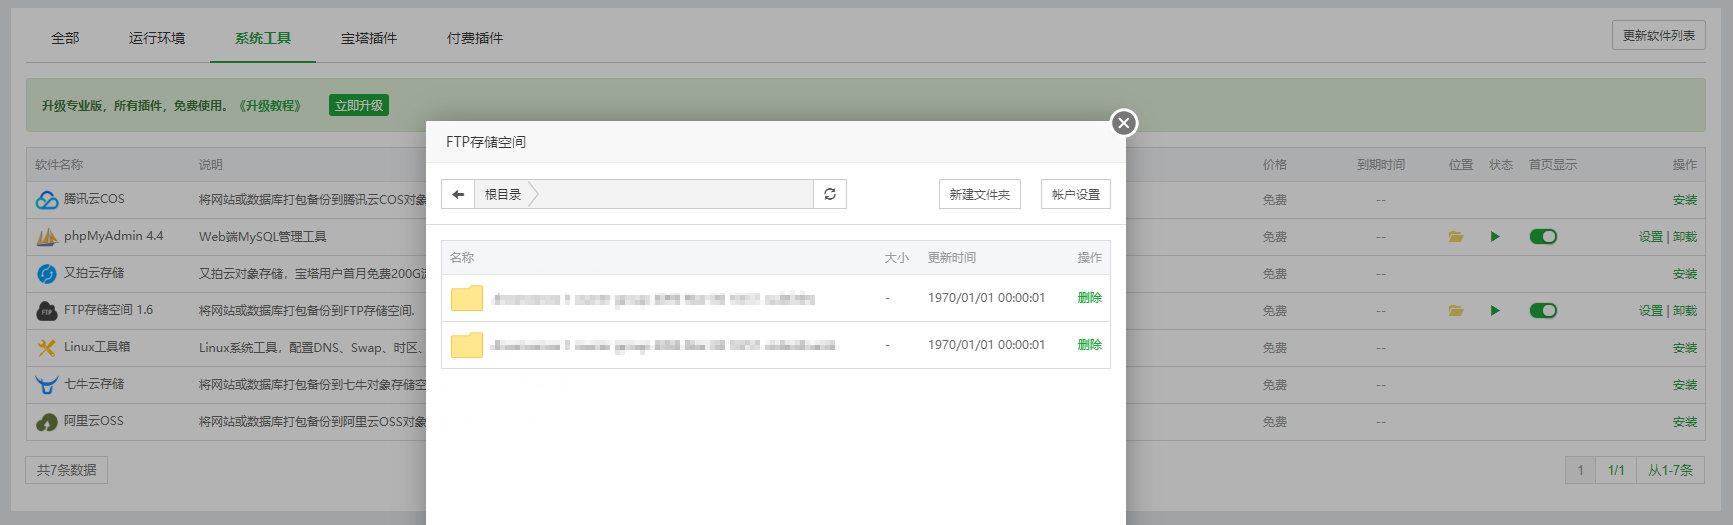 利用Openload每日免费自动备份网站/数据库 附宝塔面板实操详细教程 建站笔记 第5张